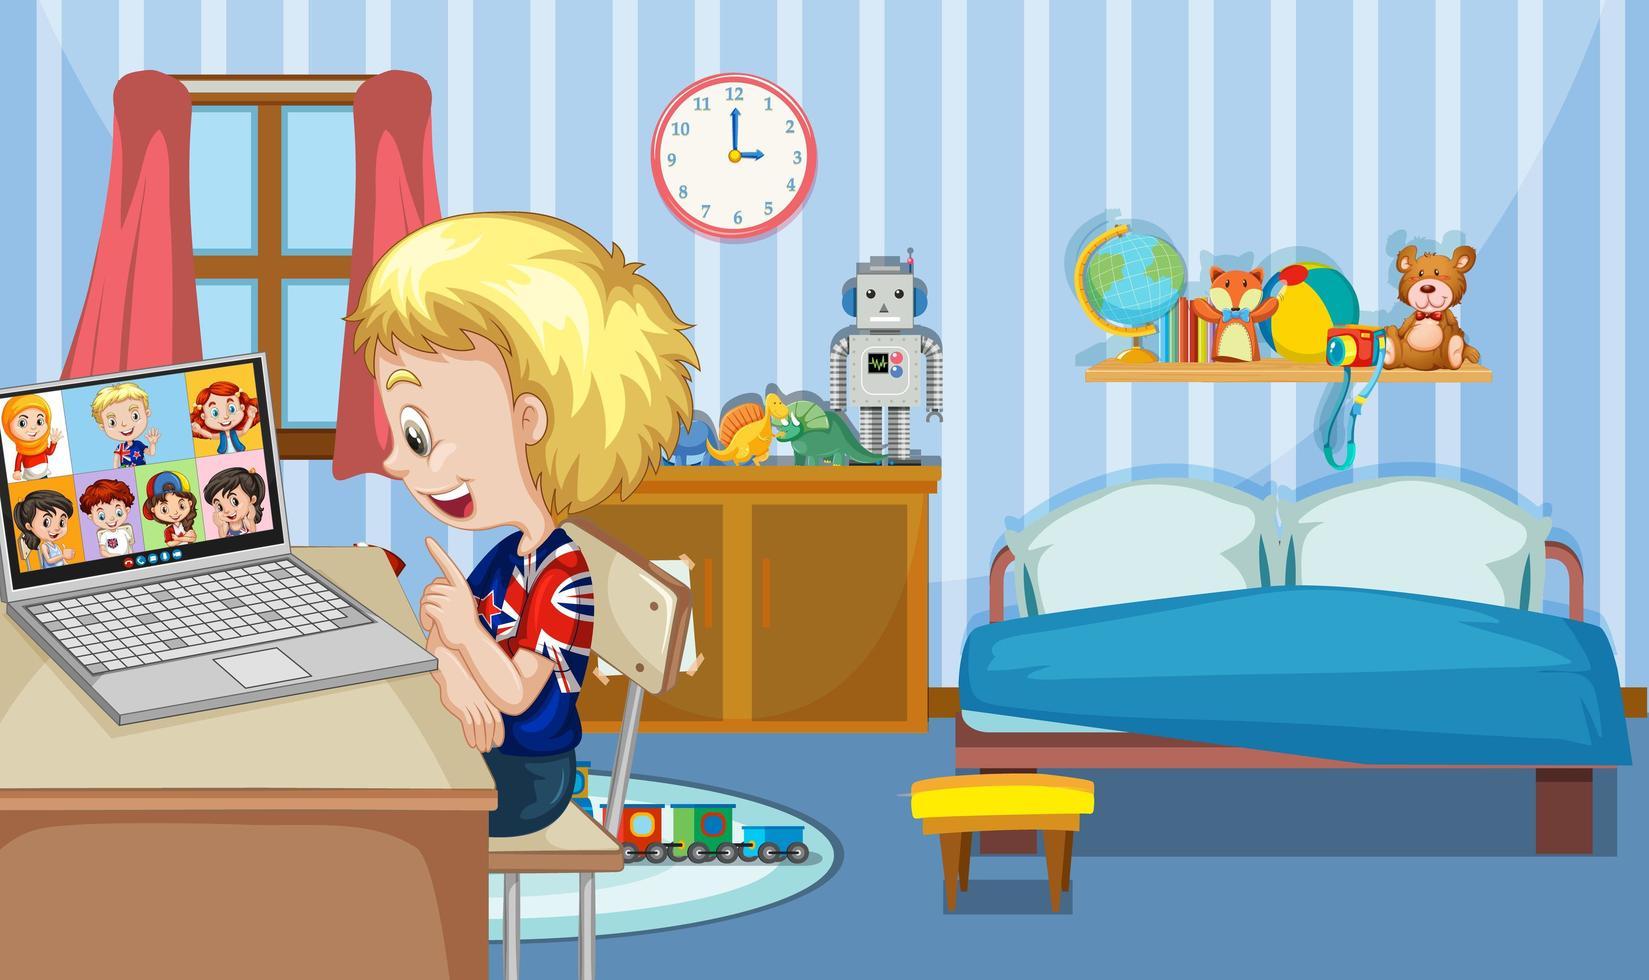 un niño se comunica por videoconferencia con amigos en la escena del dormitorio vector